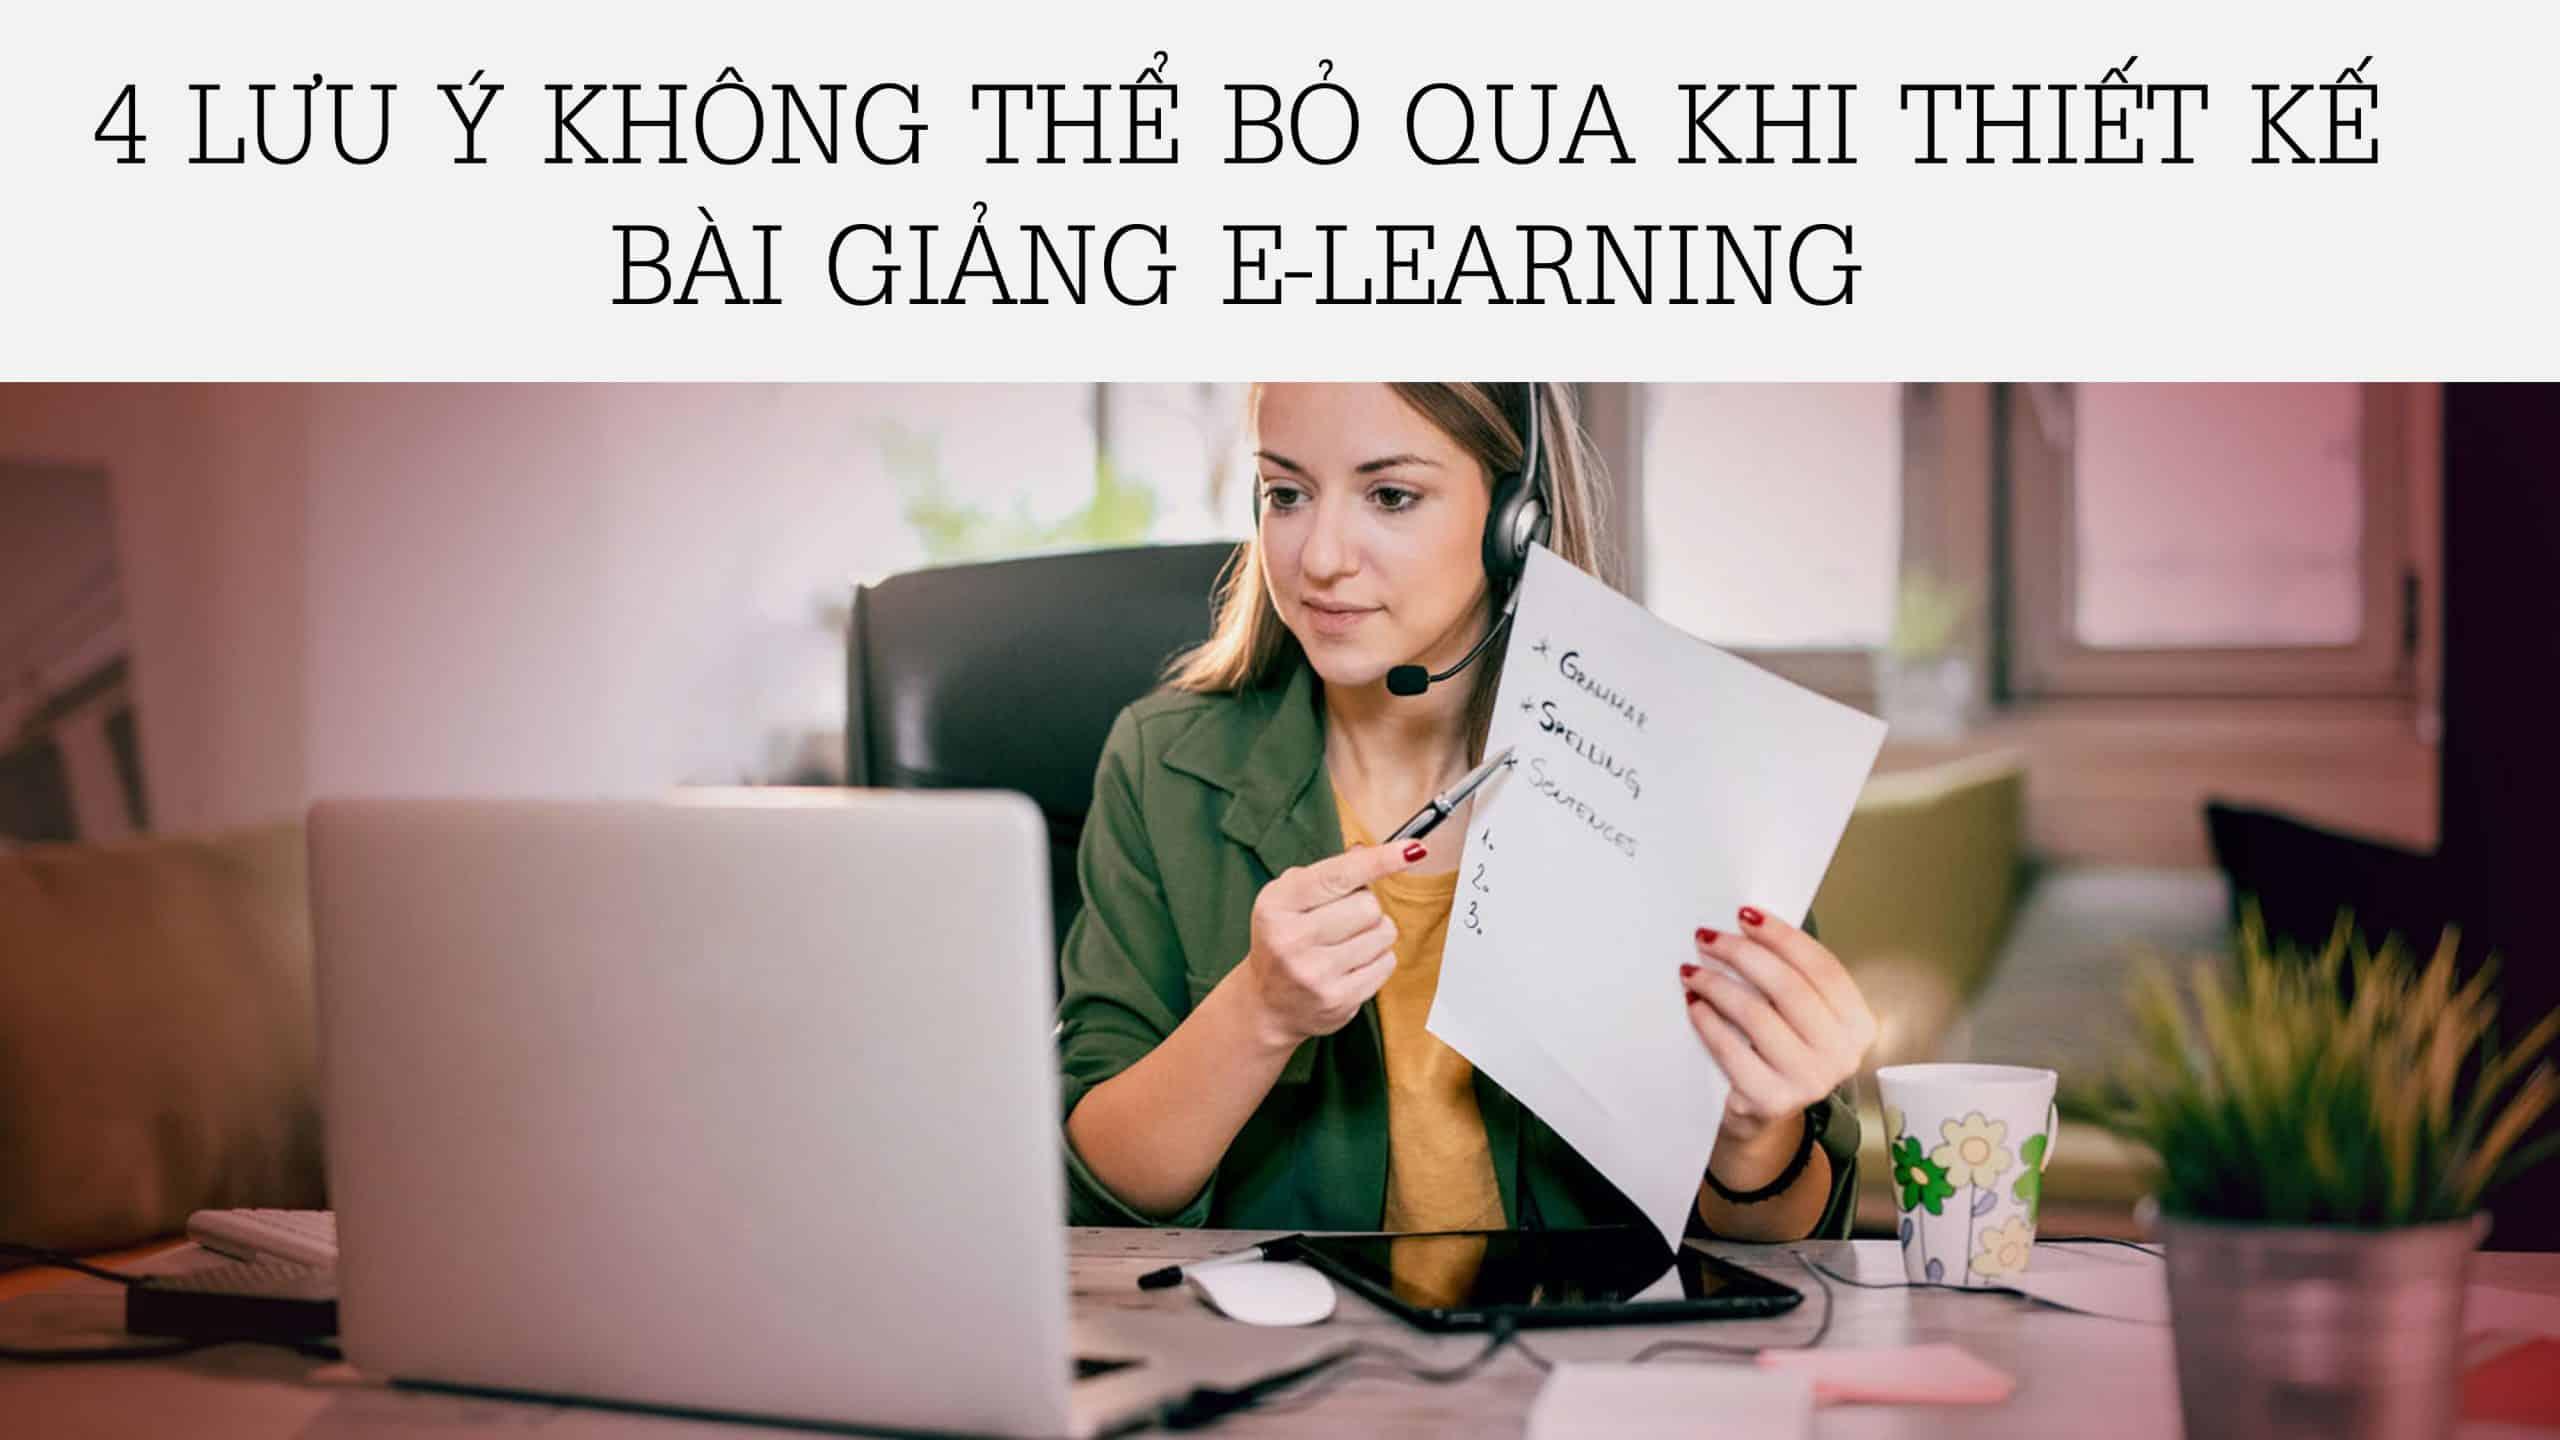 Thiết kế bài giảng E-learning - 4 lưu ý không thể bỏ qua